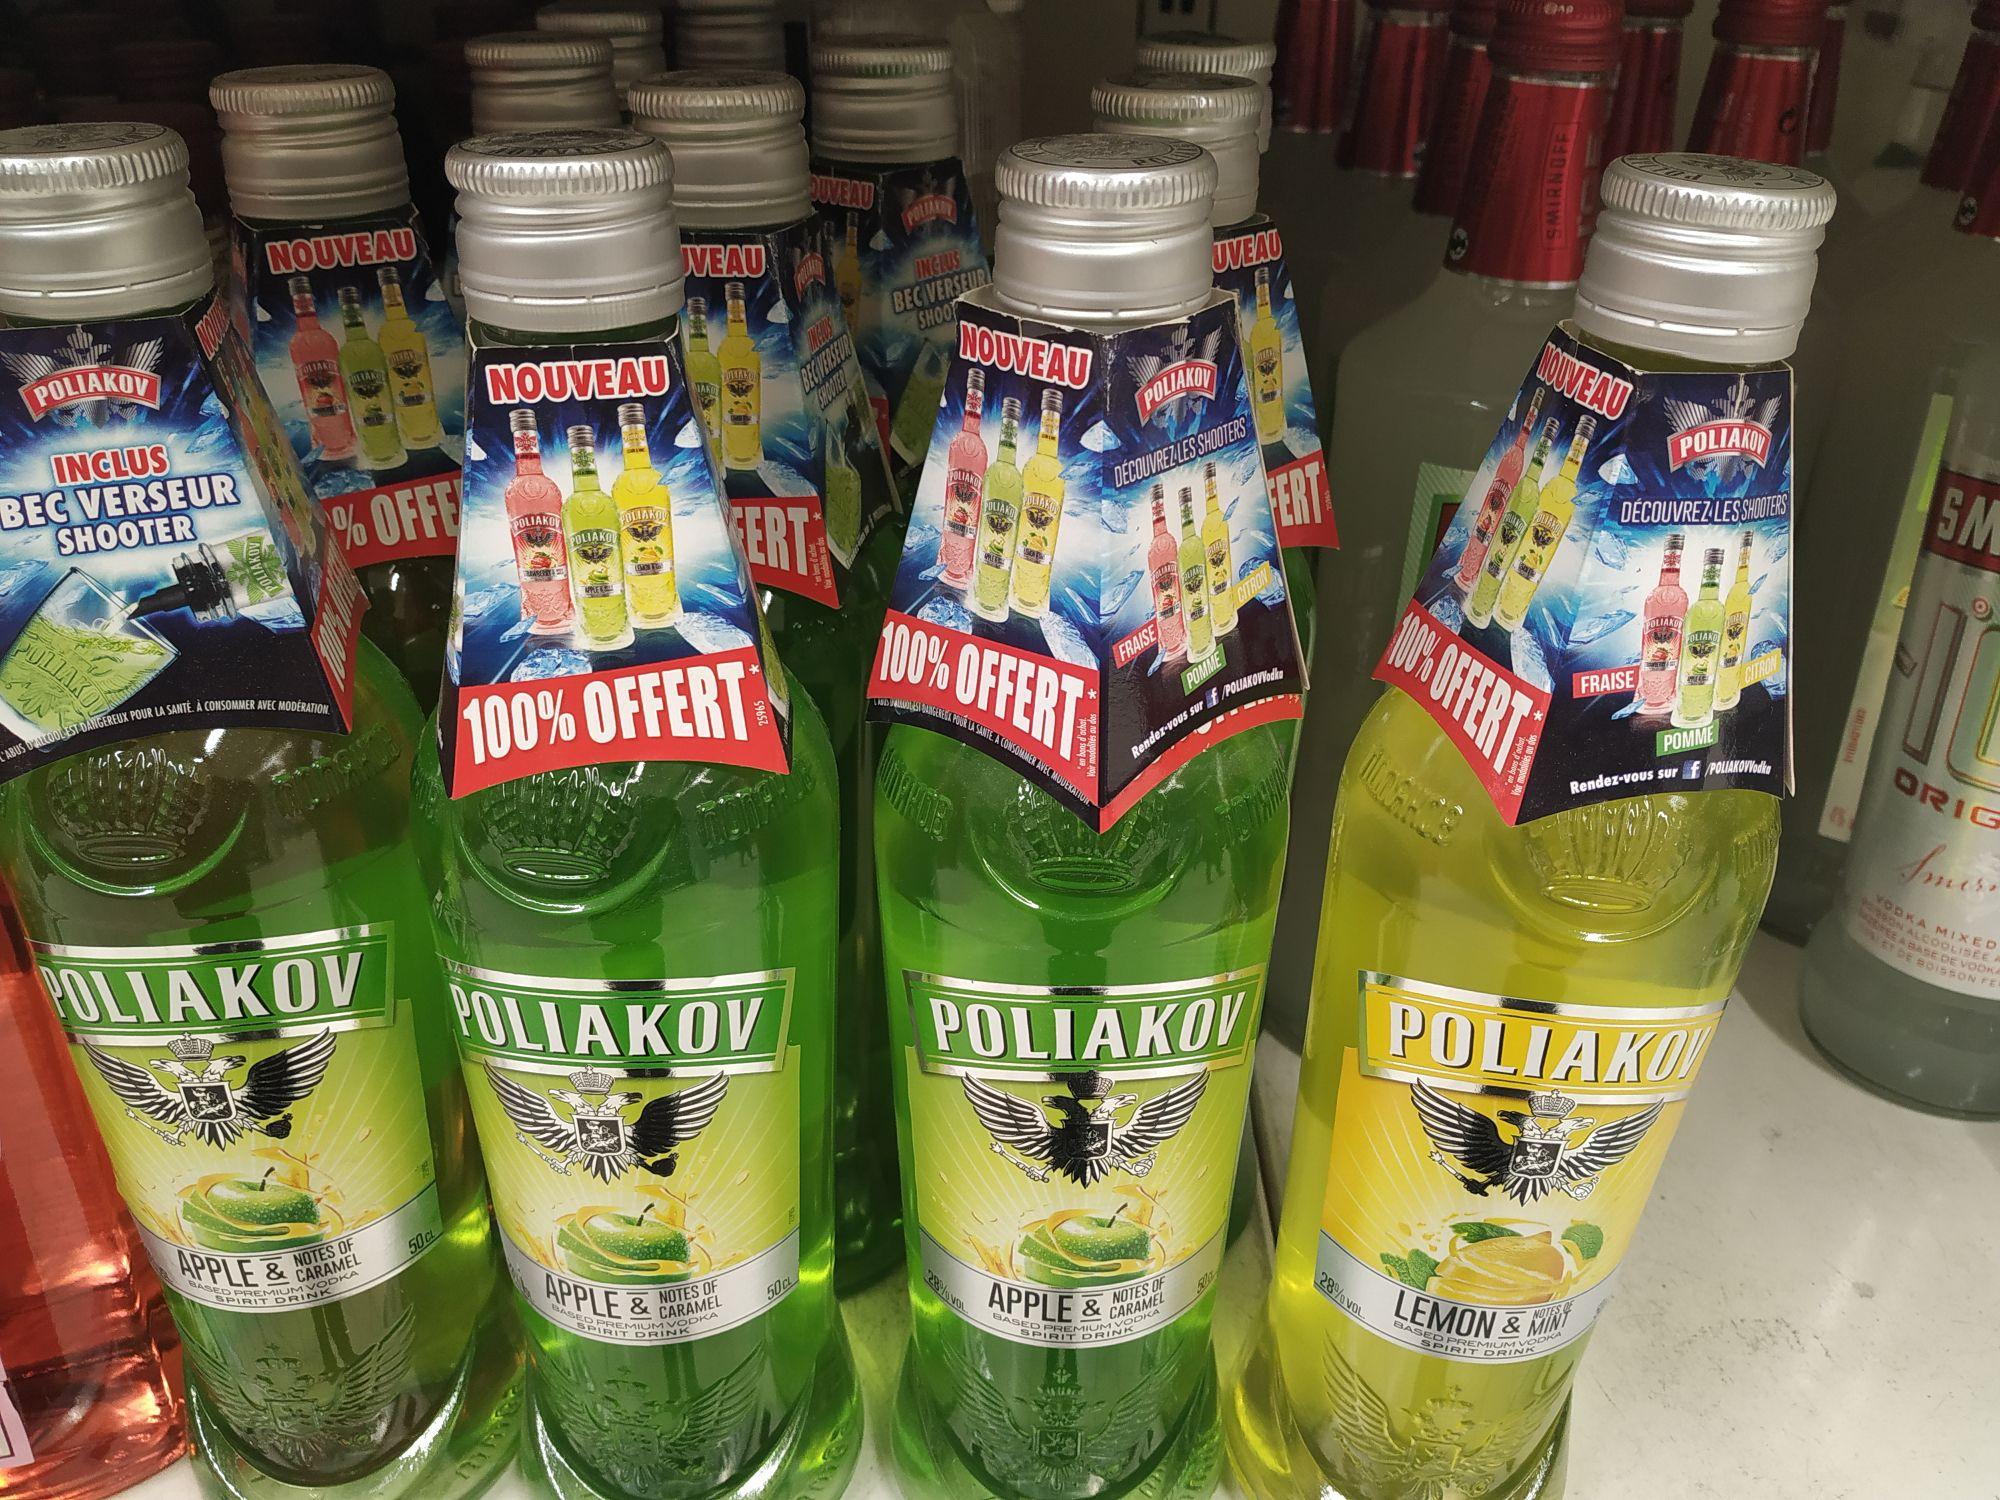 Bouteille de Vodka Poliakov + 2 bons d'achats sur un prochain achat (via courrier) - Marseille Grand Littoral (13)